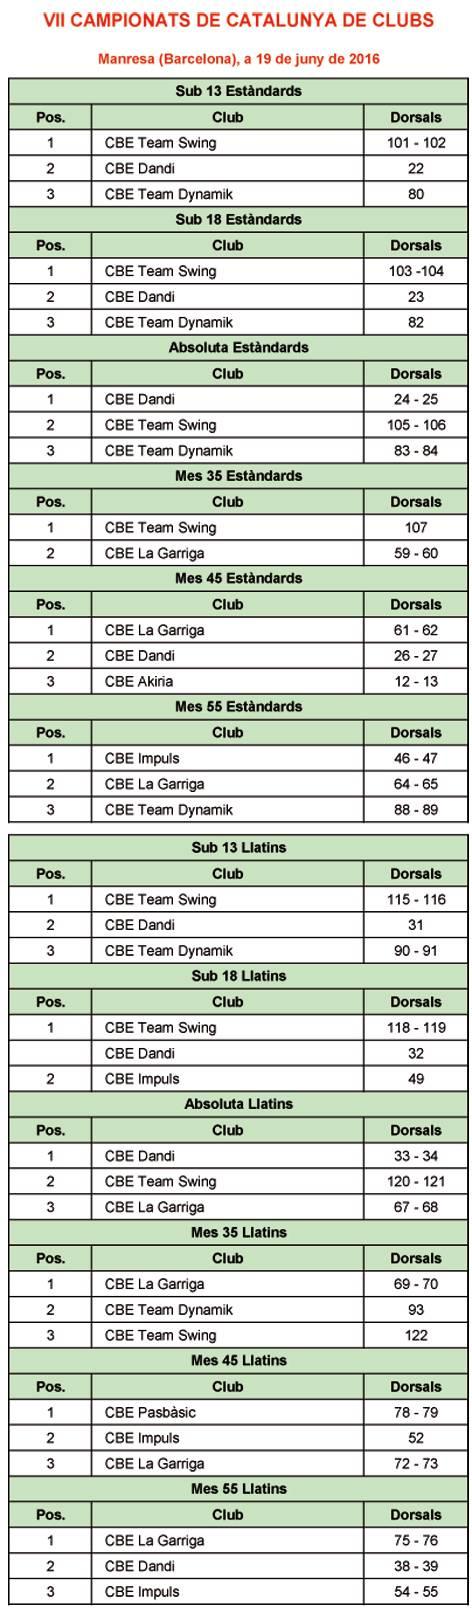 VII Campionat de Catalunya de Clubs 2016. Resultats  | Federació Catalana de Ball Esportiu